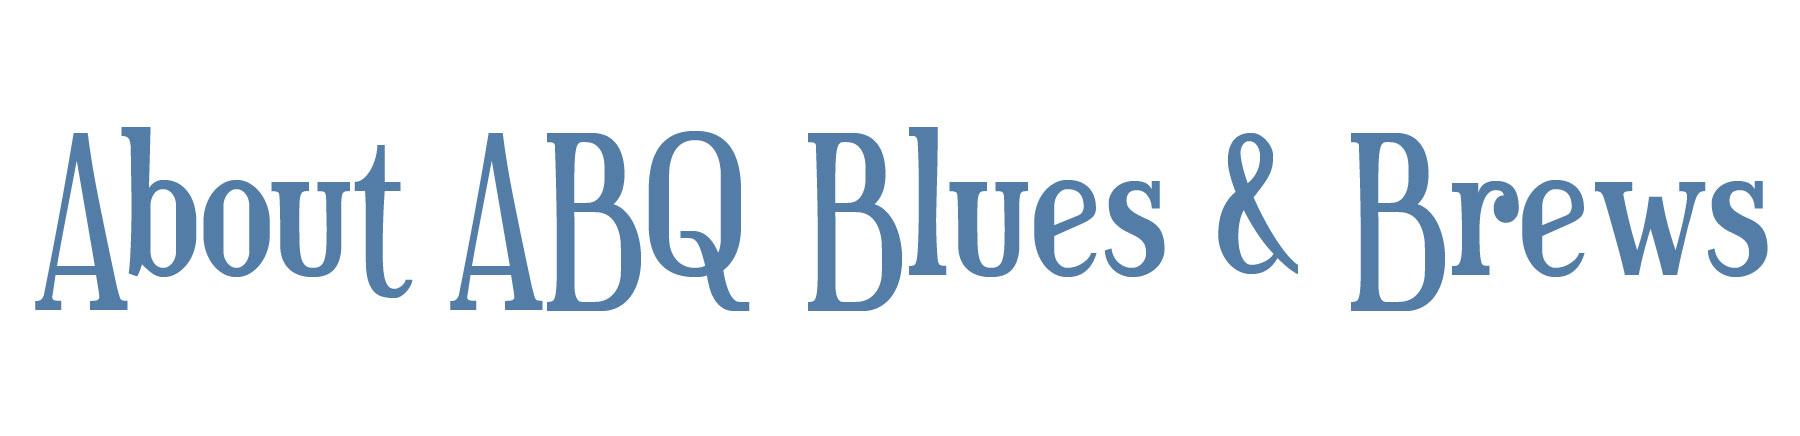 About-Blu.jpg